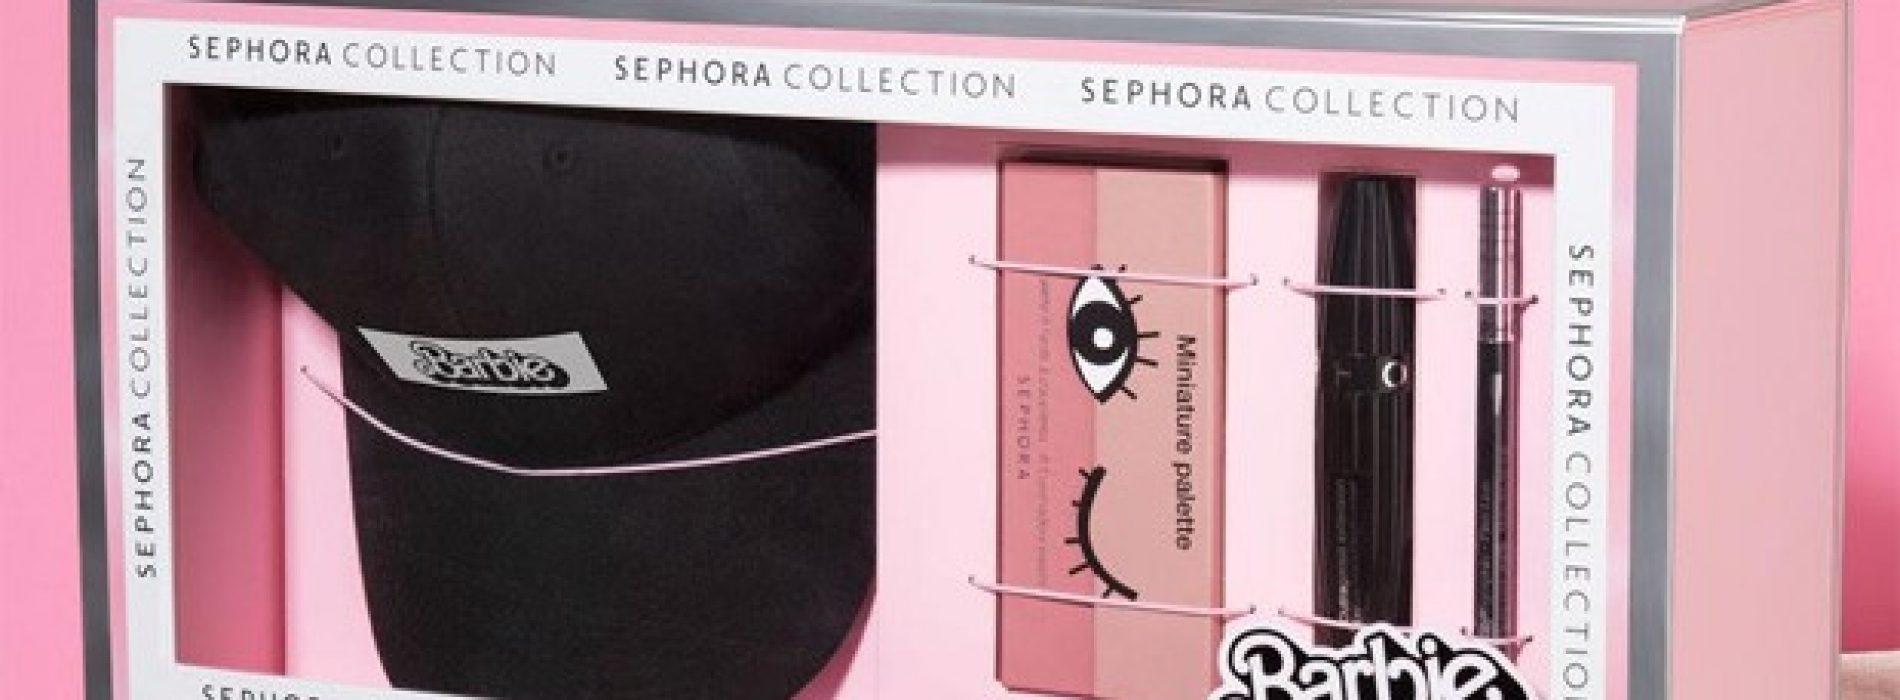 Sephora Lança Kit de Maquiagem Marca Própria em parceria com a Barbie